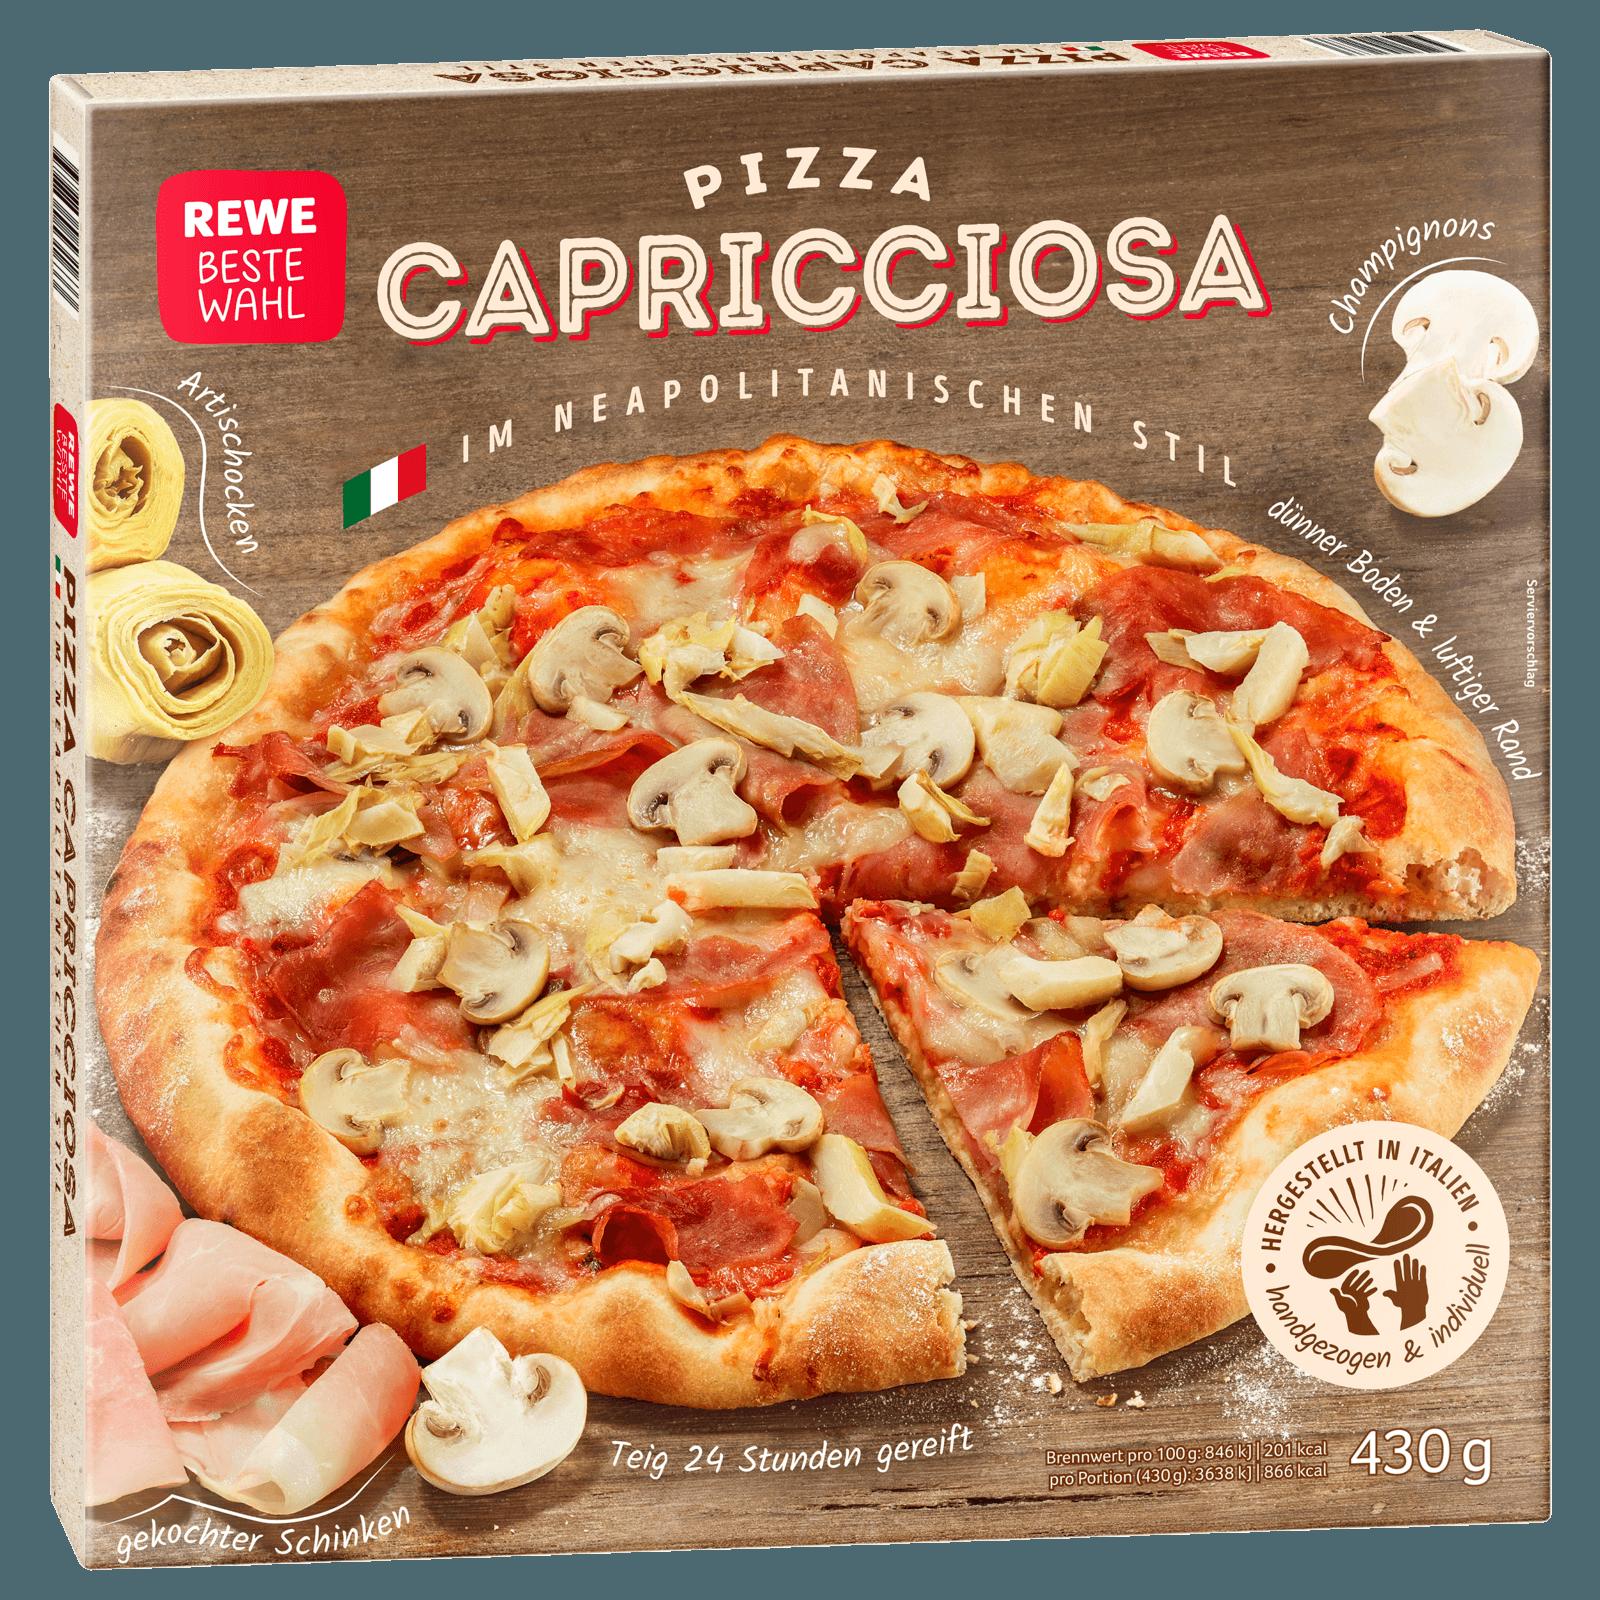 REWE Beste Wahl Pizza Napoli Capricciosa 430g